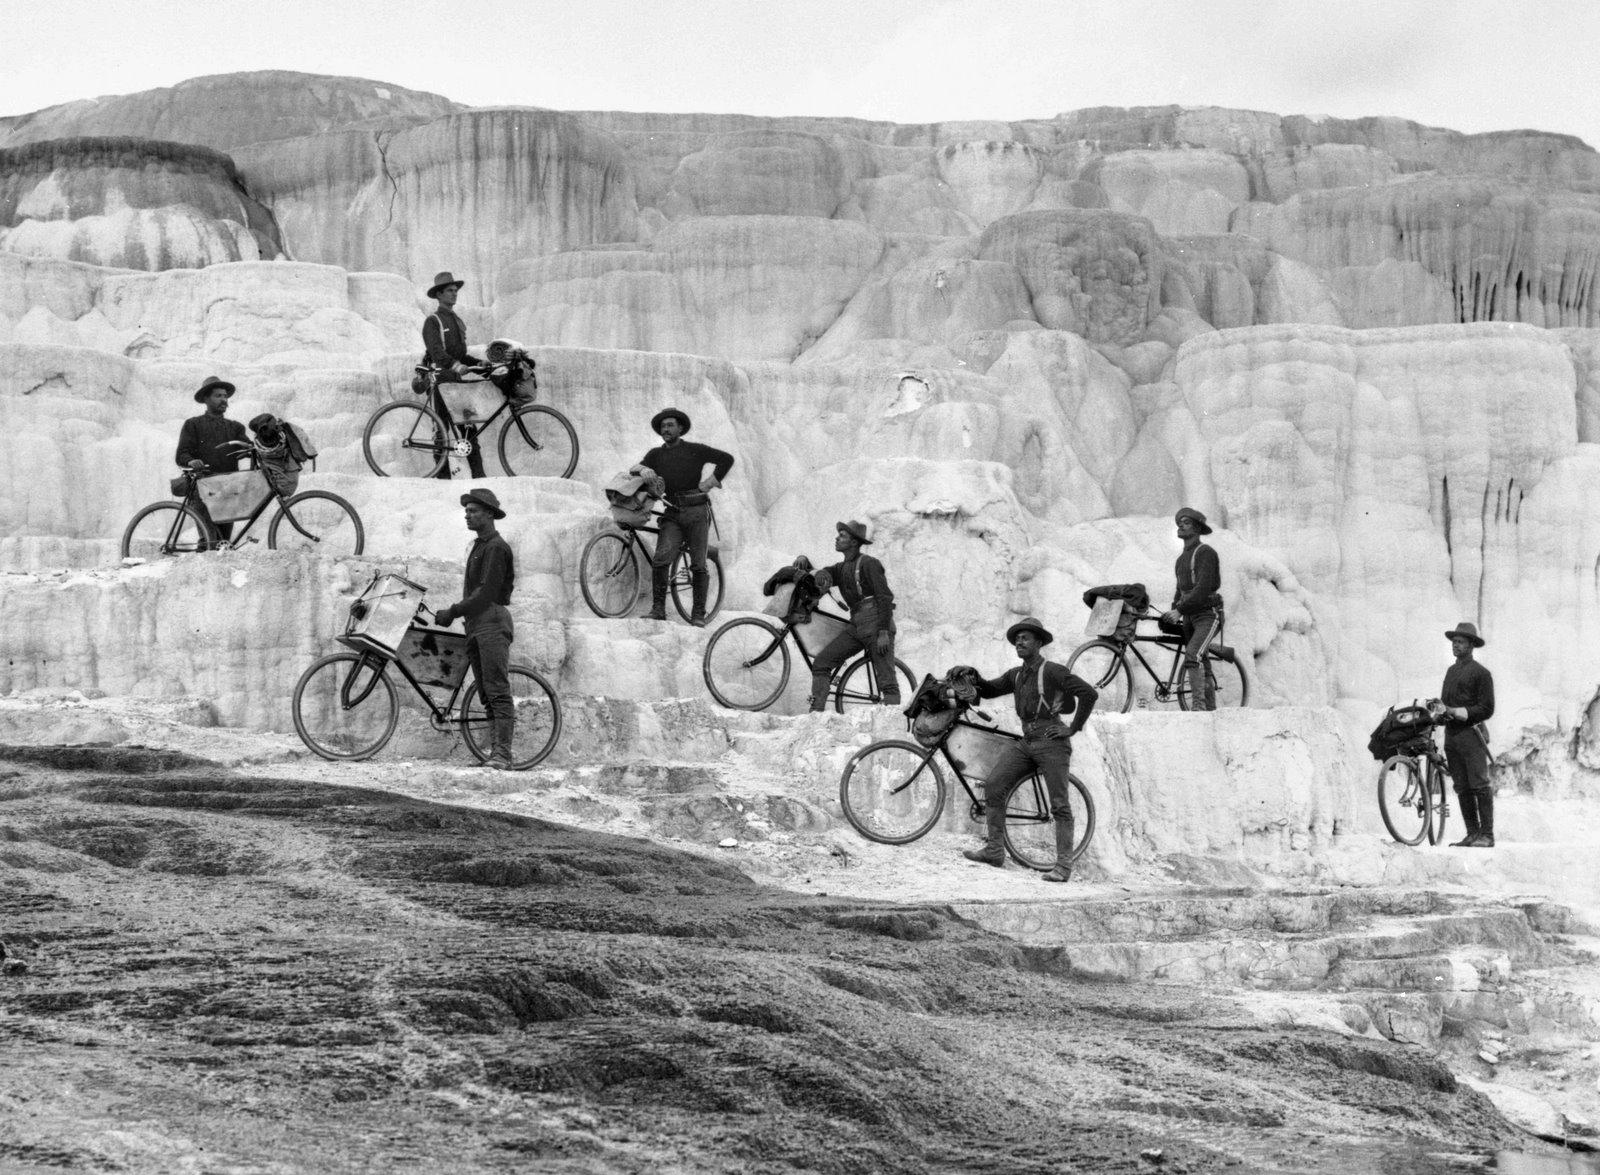 Nel 1897 organizzarono una spedizione per testare l'utilità delle biciclette per i militari nelle zone di montagna, spostandosi per il tutto paese da Fort Missoula a St. Louis, Missouri, un viaggio di 3058 km in 34 giorni.